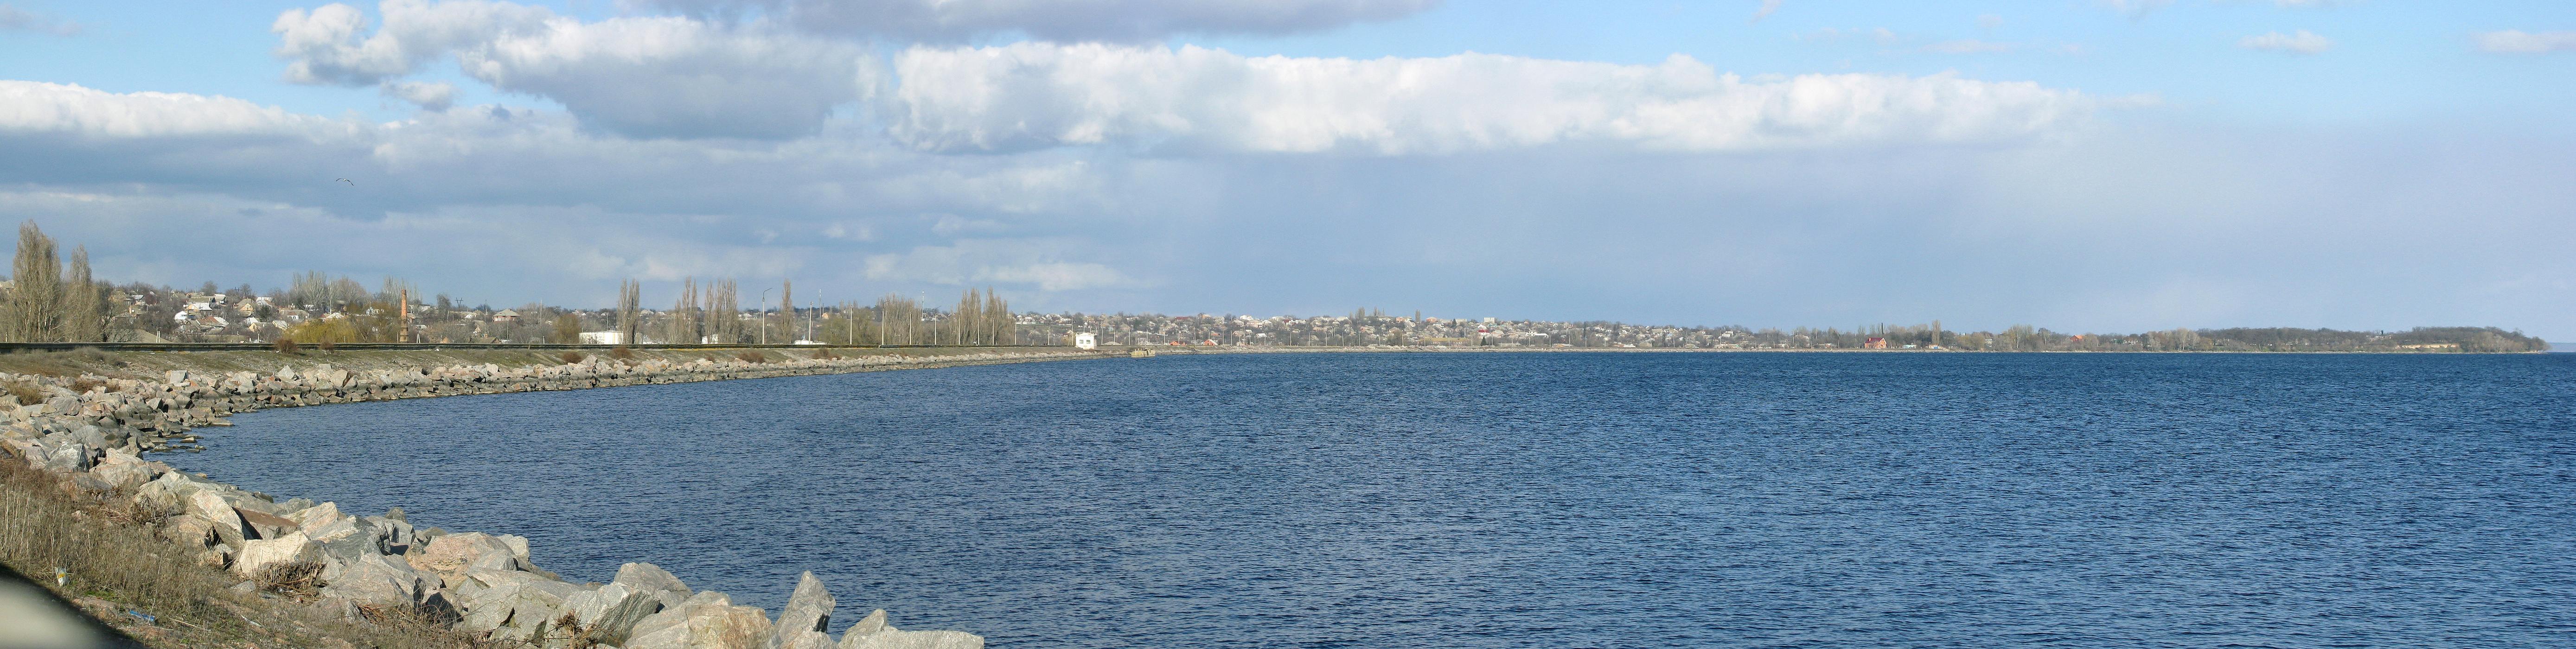 Панорама никопольской набережной. Вид в сторону Новопавловки